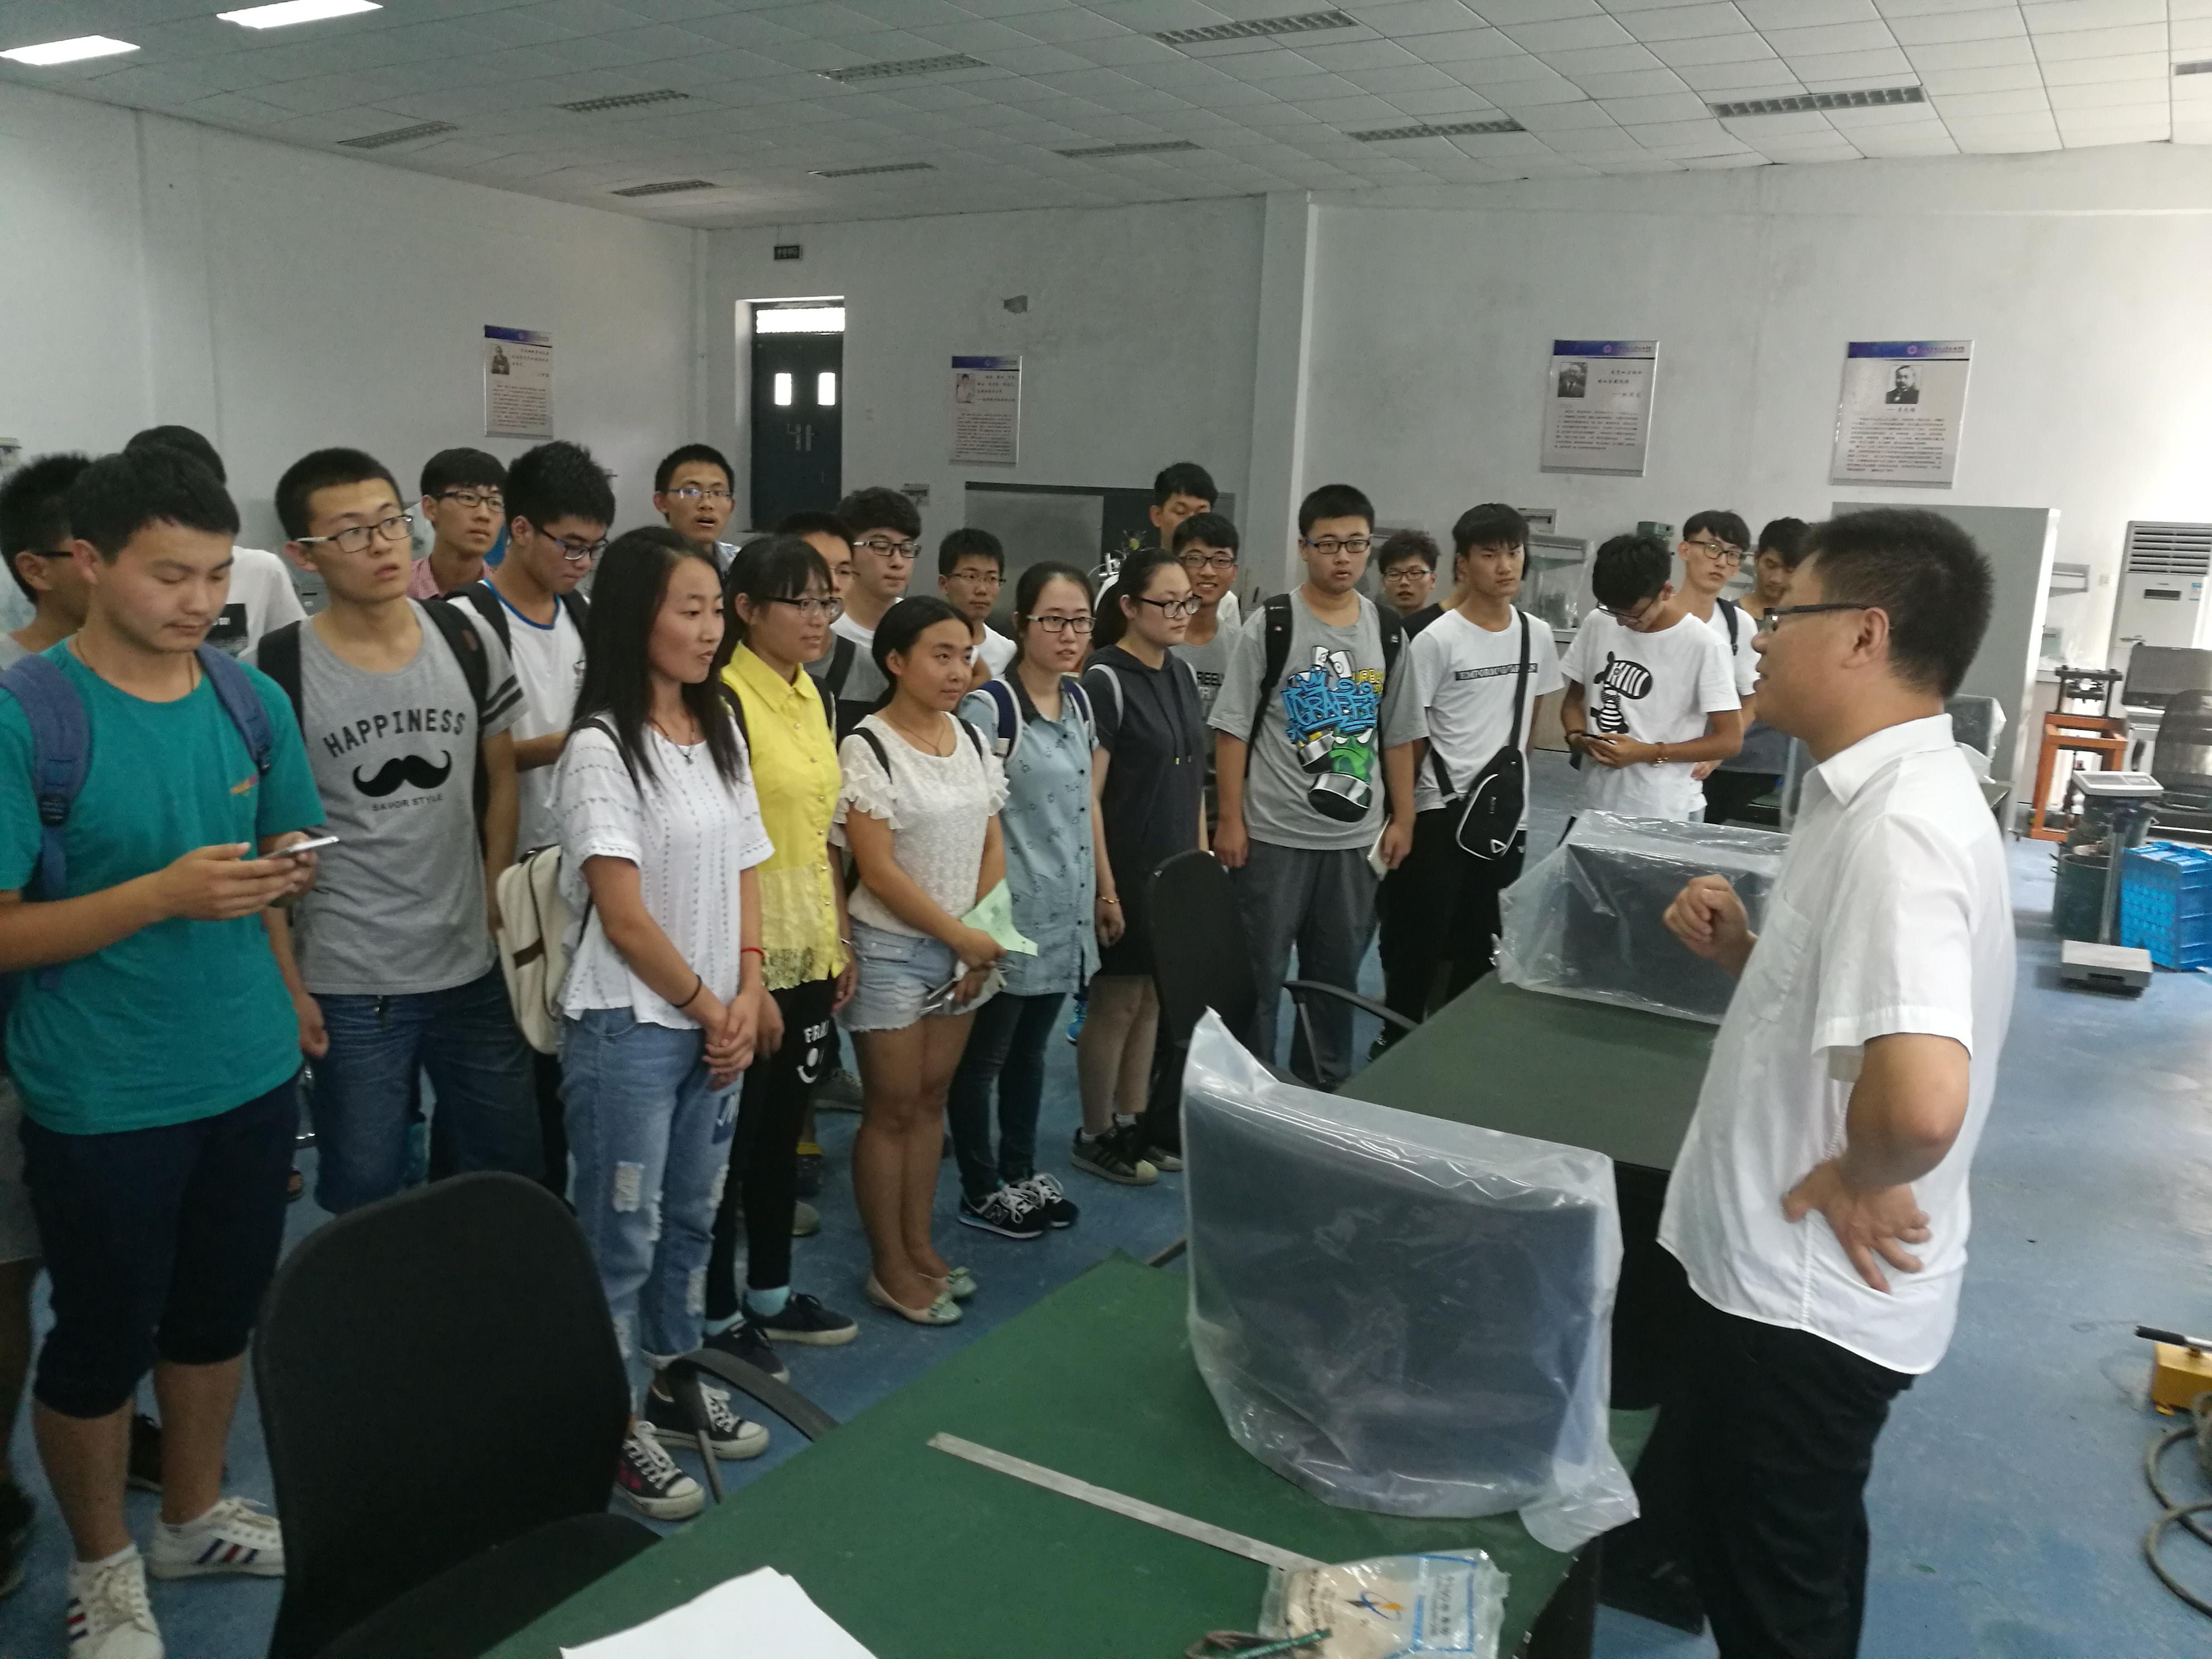 刘晓军老师介绍土木工程结构实验室